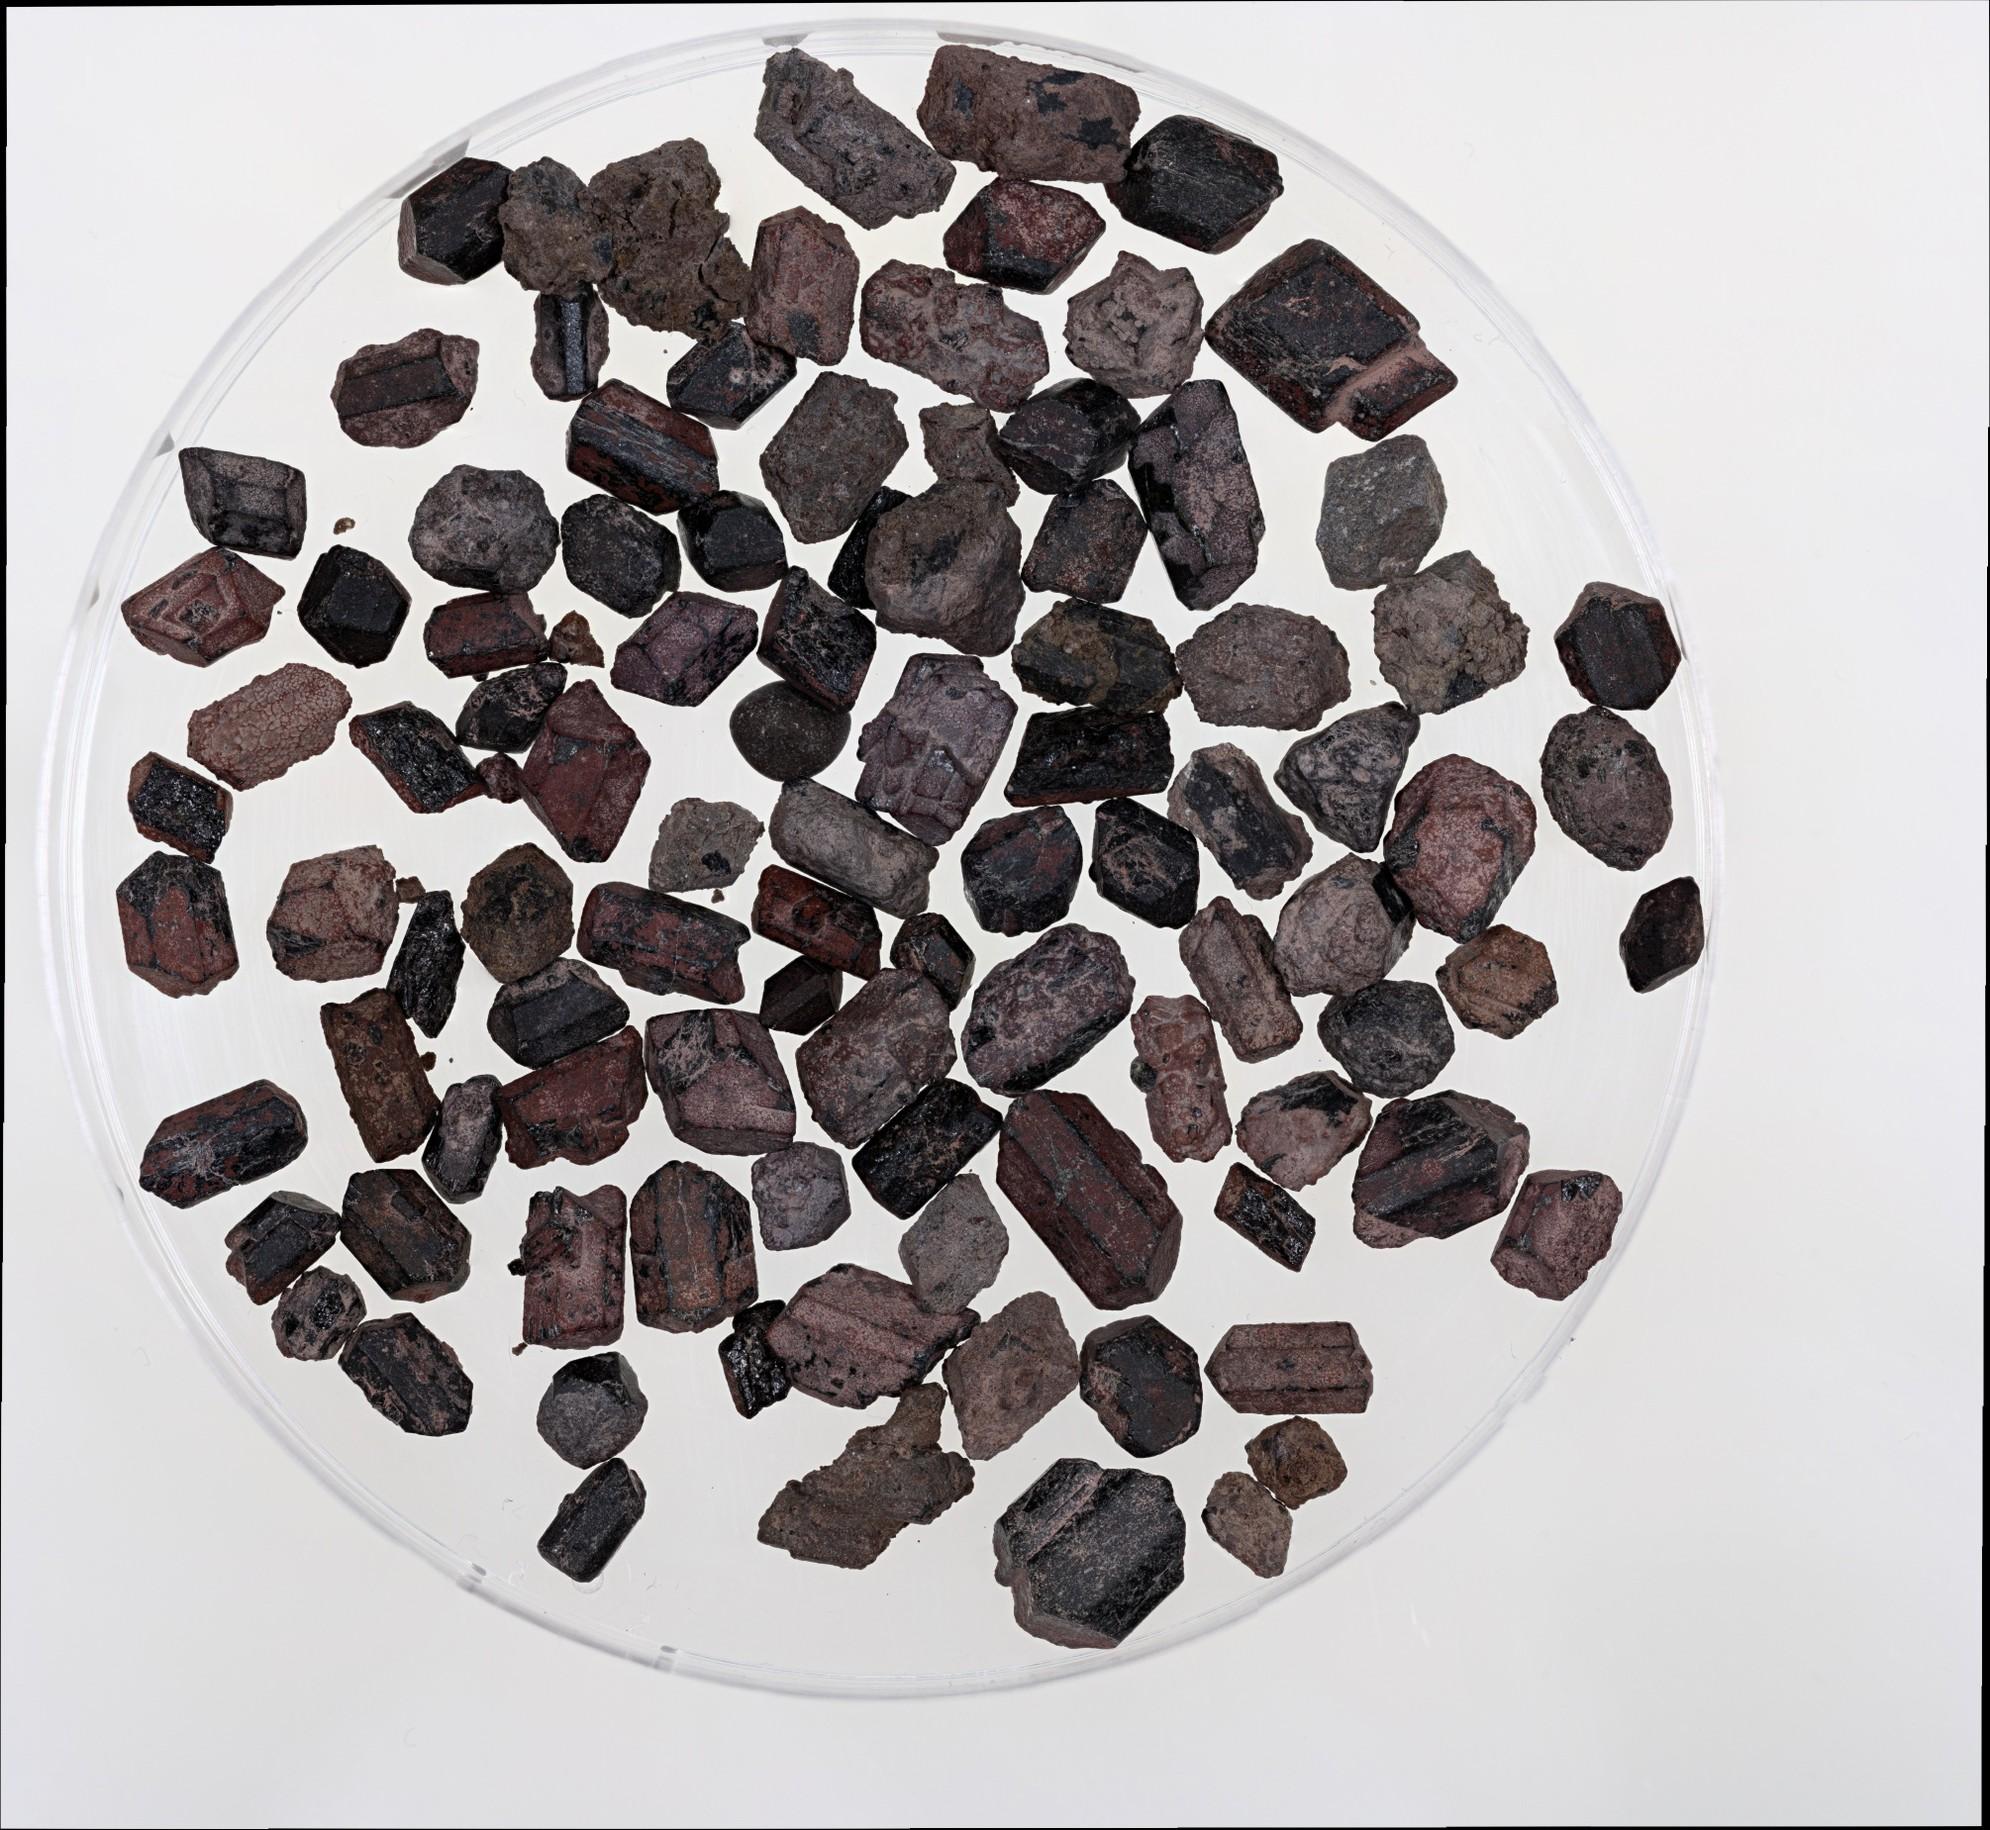 Mineral Separates from Mt. Vesuvius